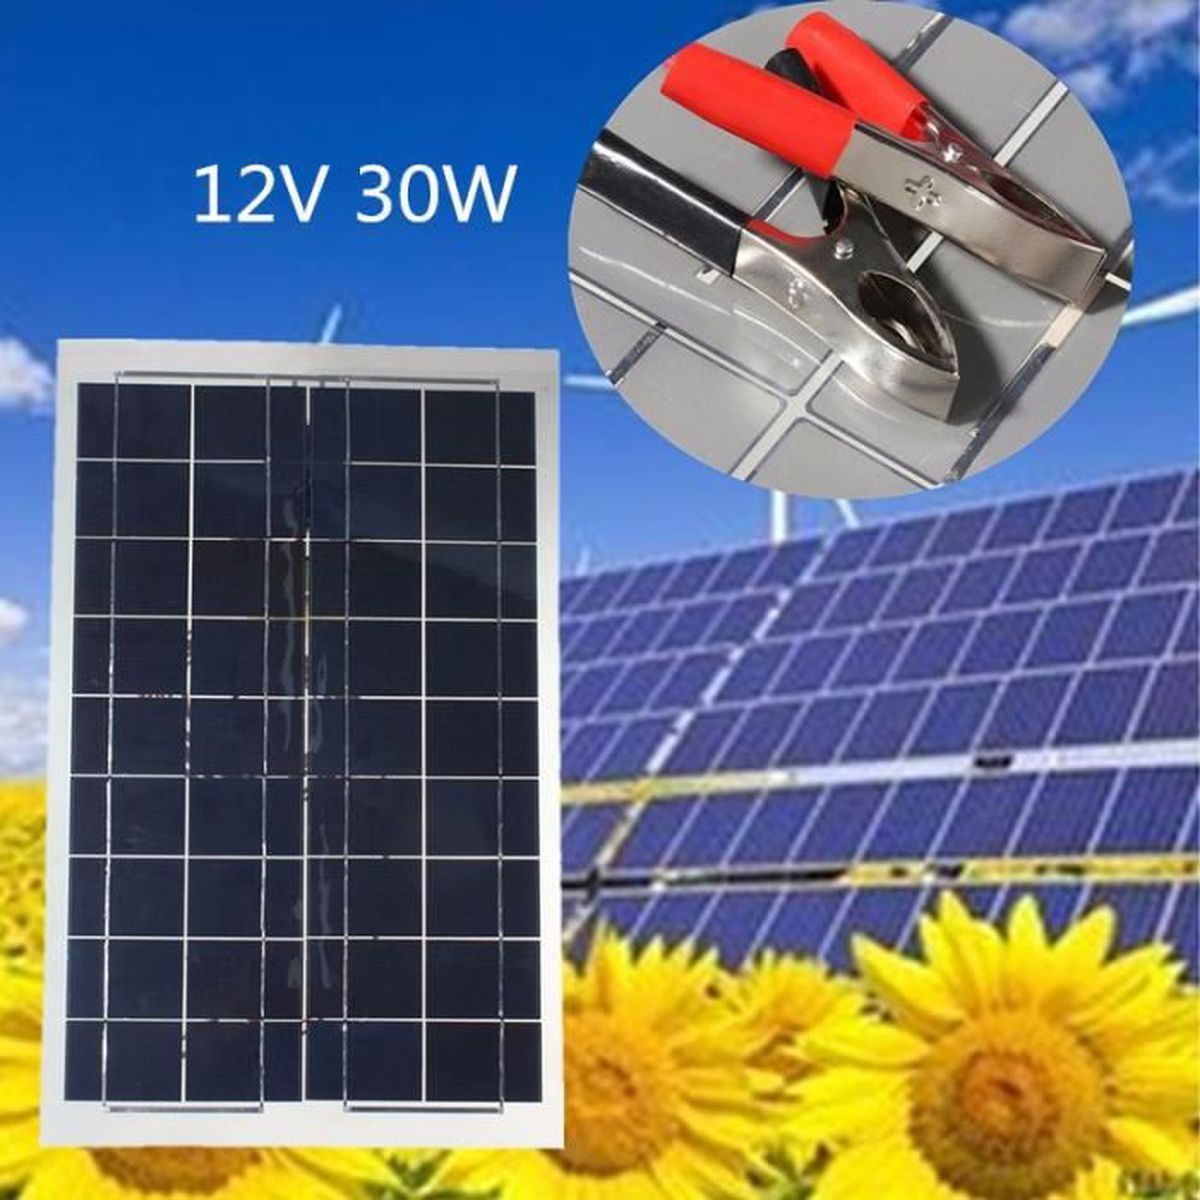 Panneau solaire pour voiture achat vente panneau solaire pour voiture pas - Prix panneau solaire pour maison ...